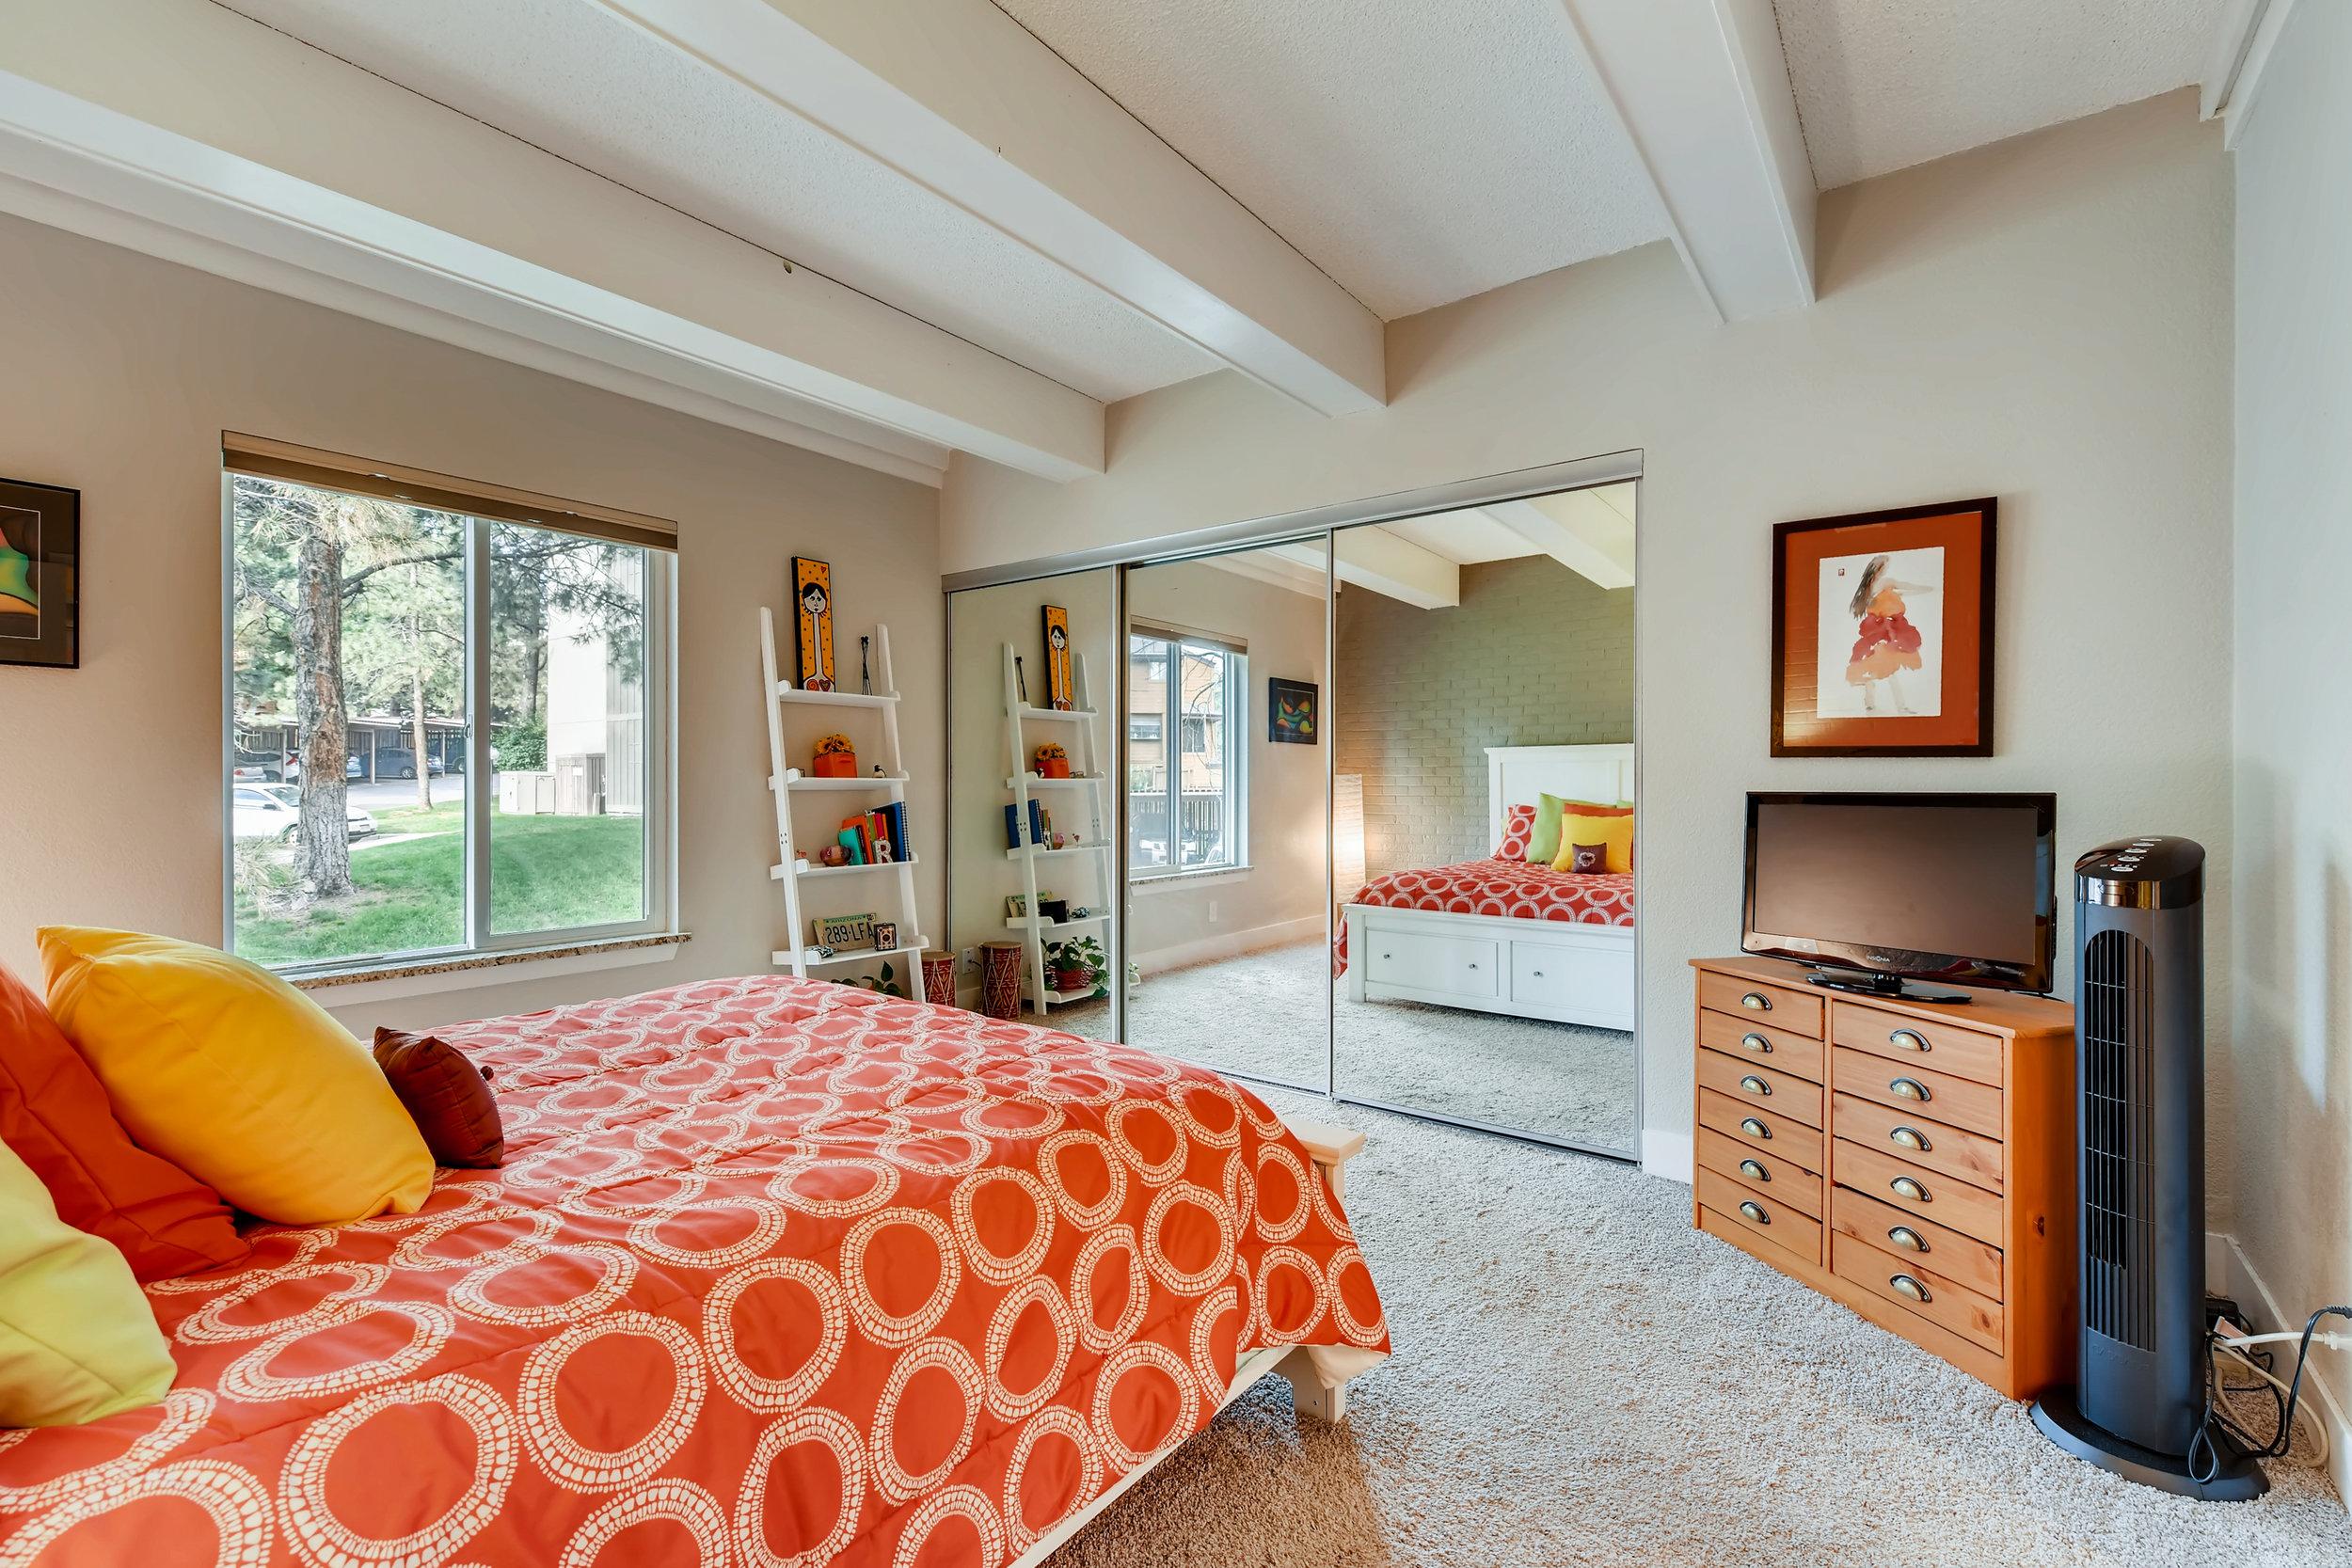 2525 S Deyton Way Unit 1107-print-020-013-Master Bedroom-3600x2400-300dpi.jpg